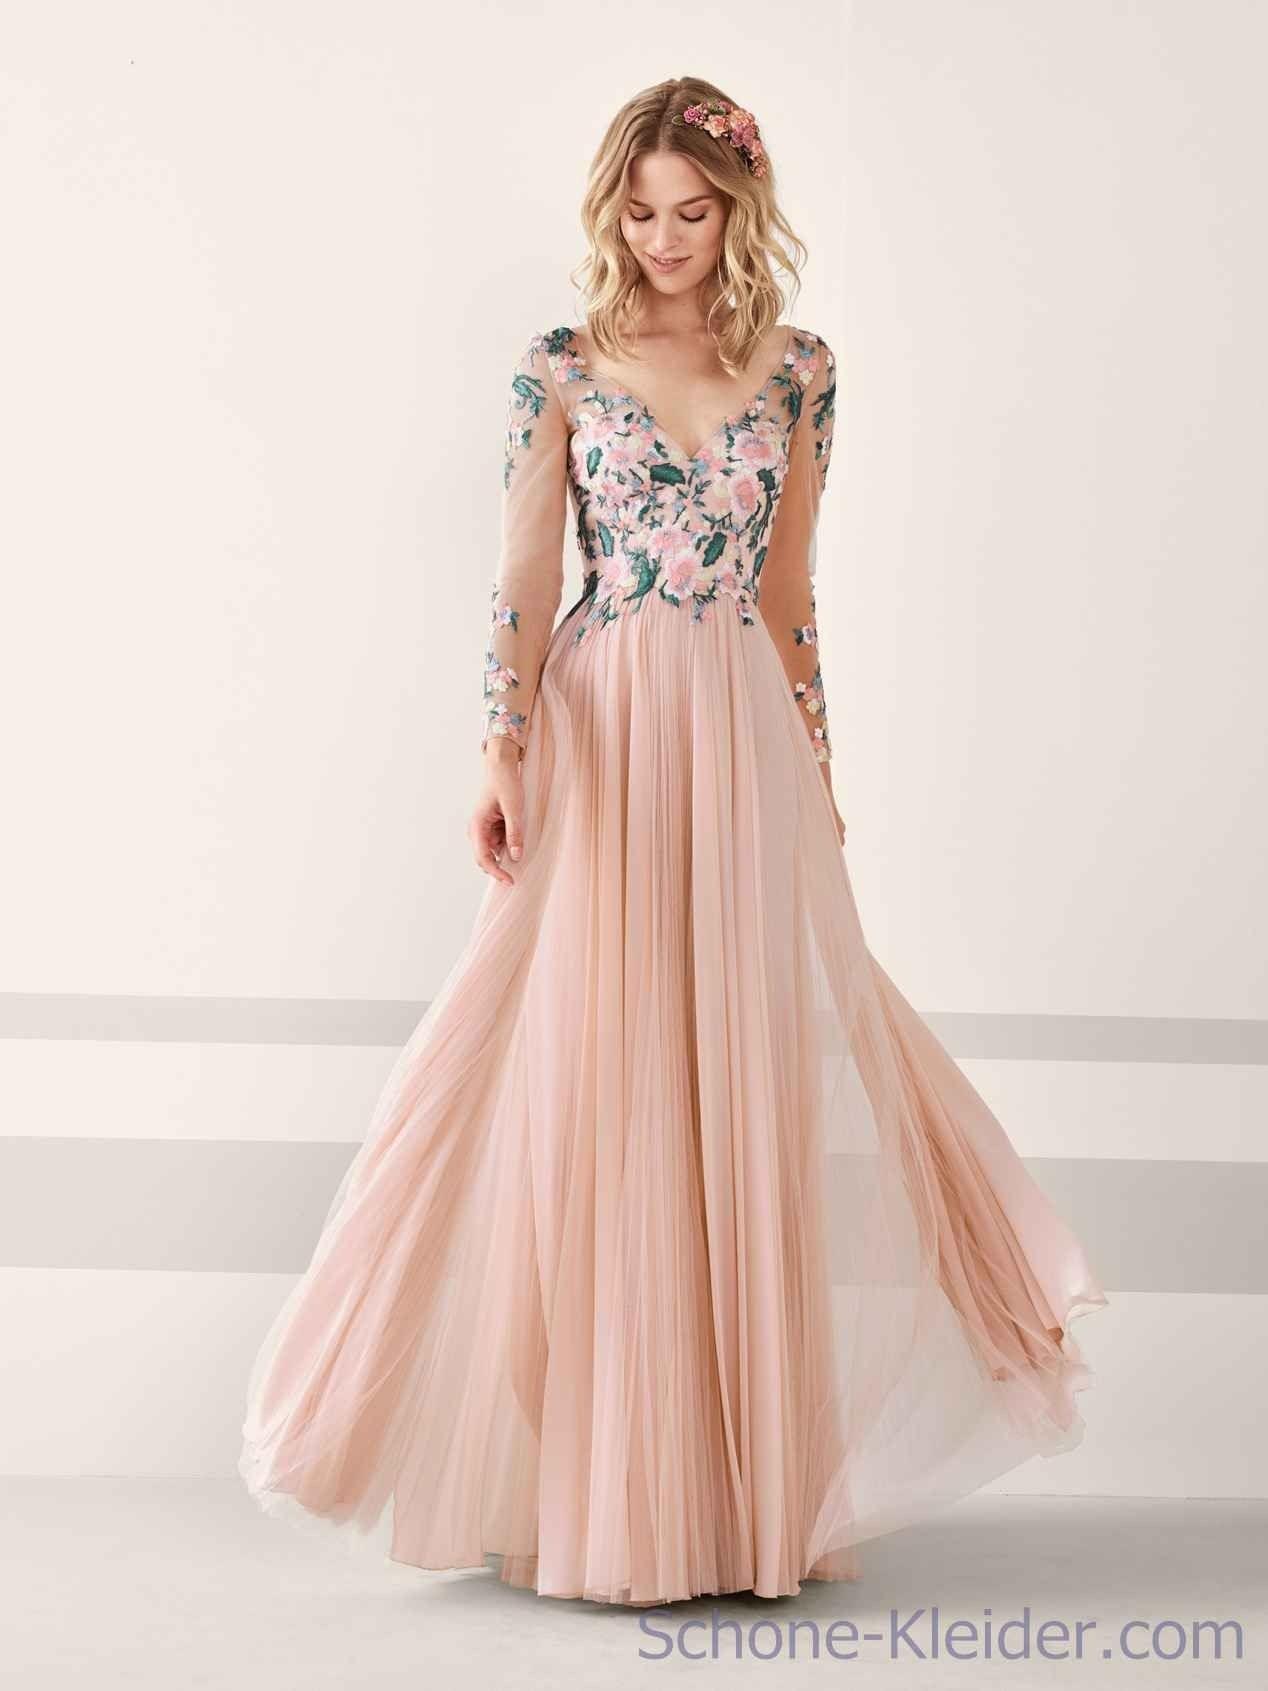 20 Erstaunlich Abendmode Kleider Lang Vertrieb - Abendkleid